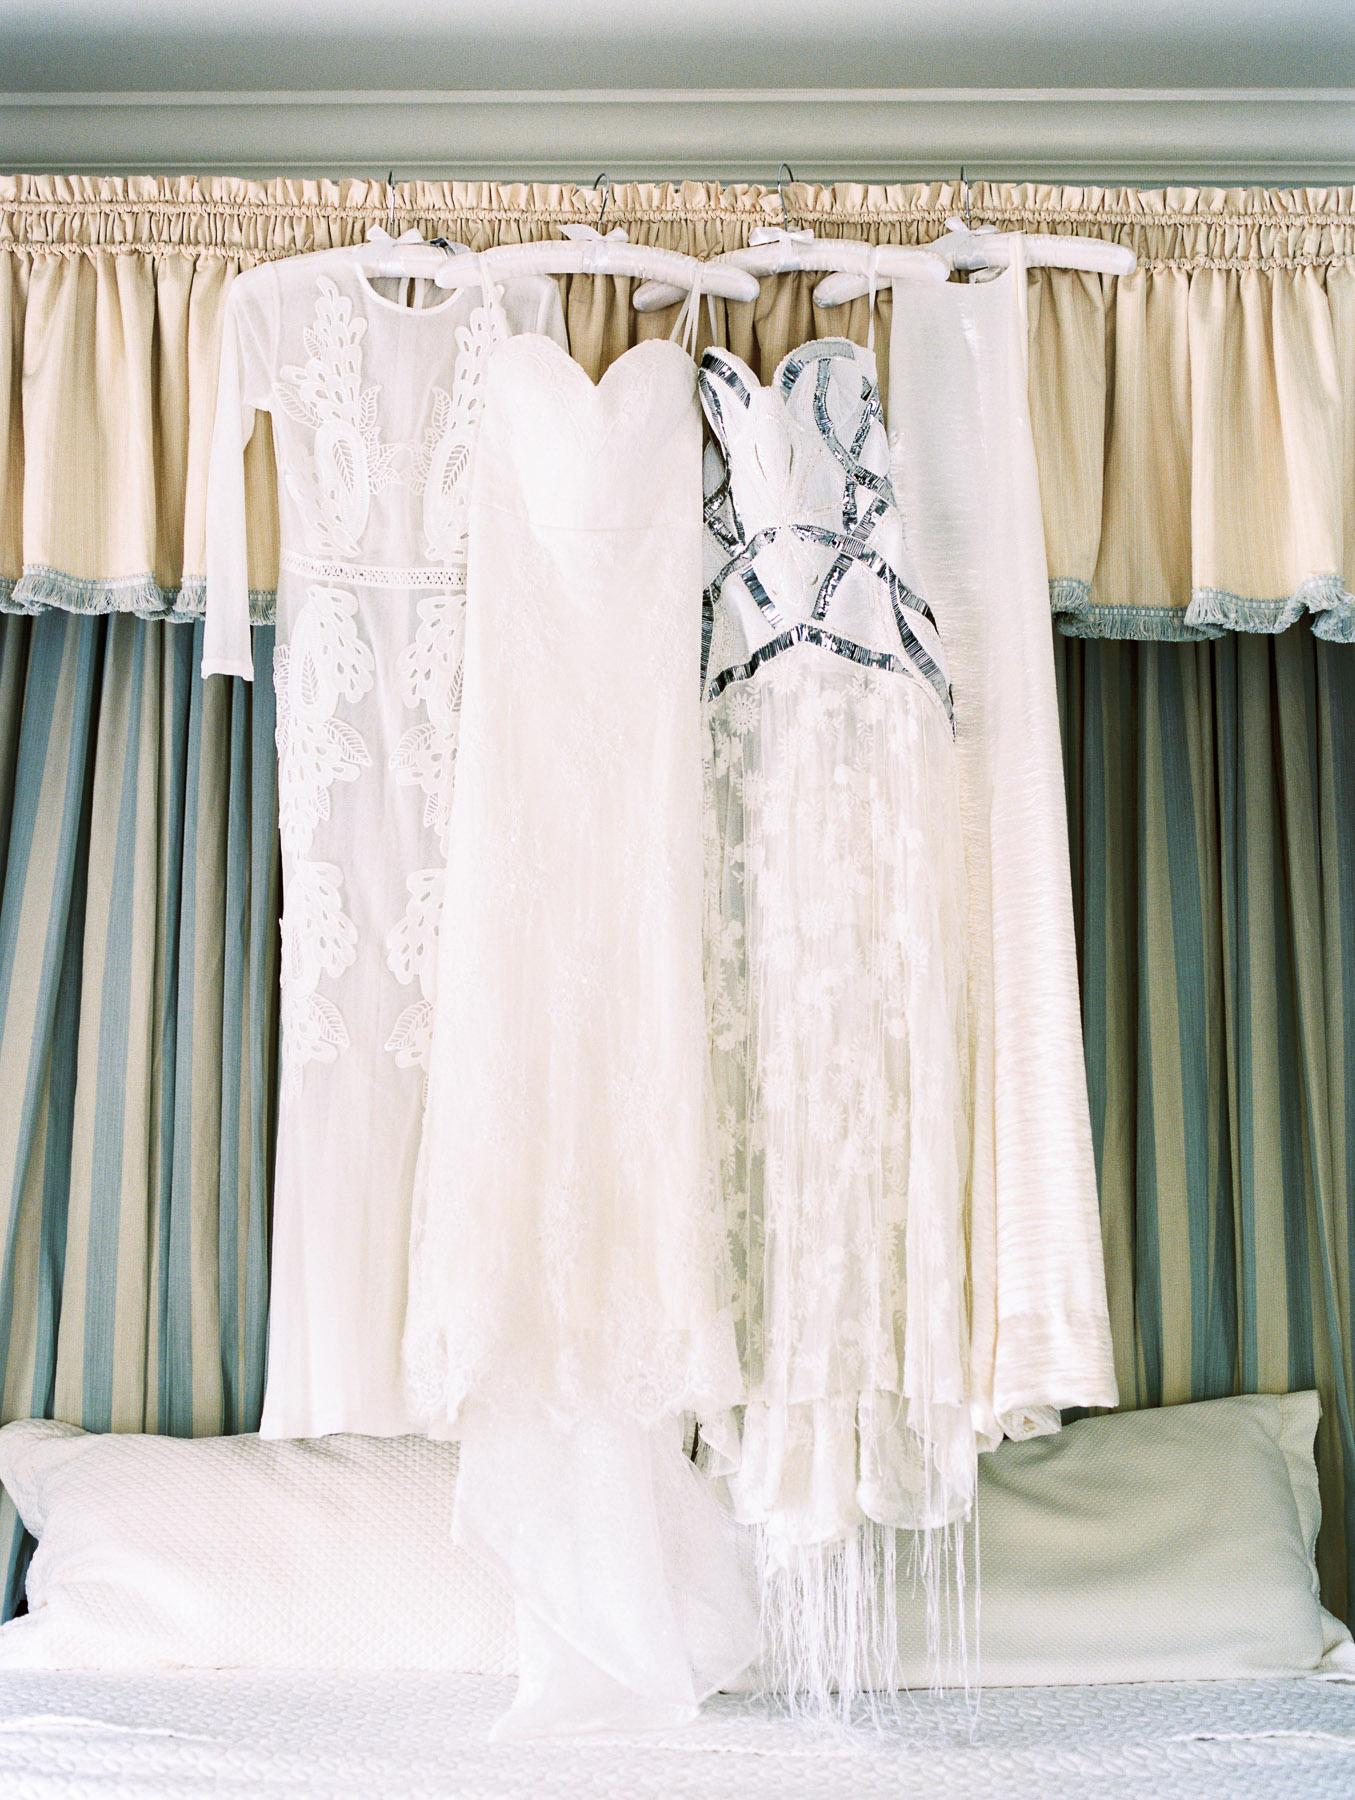 Bernards Inn New Jersey Wedding